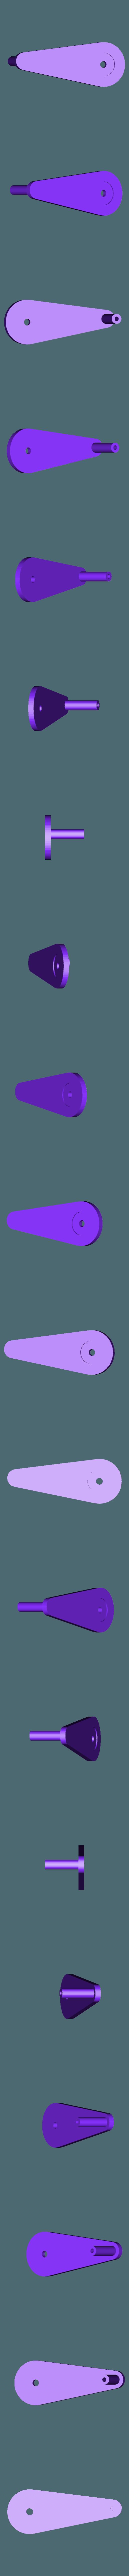 transmission_handle.stl Télécharger fichier STL gratuit Transmission à engrenages coniques • Modèle à imprimer en 3D, matthewdwulff